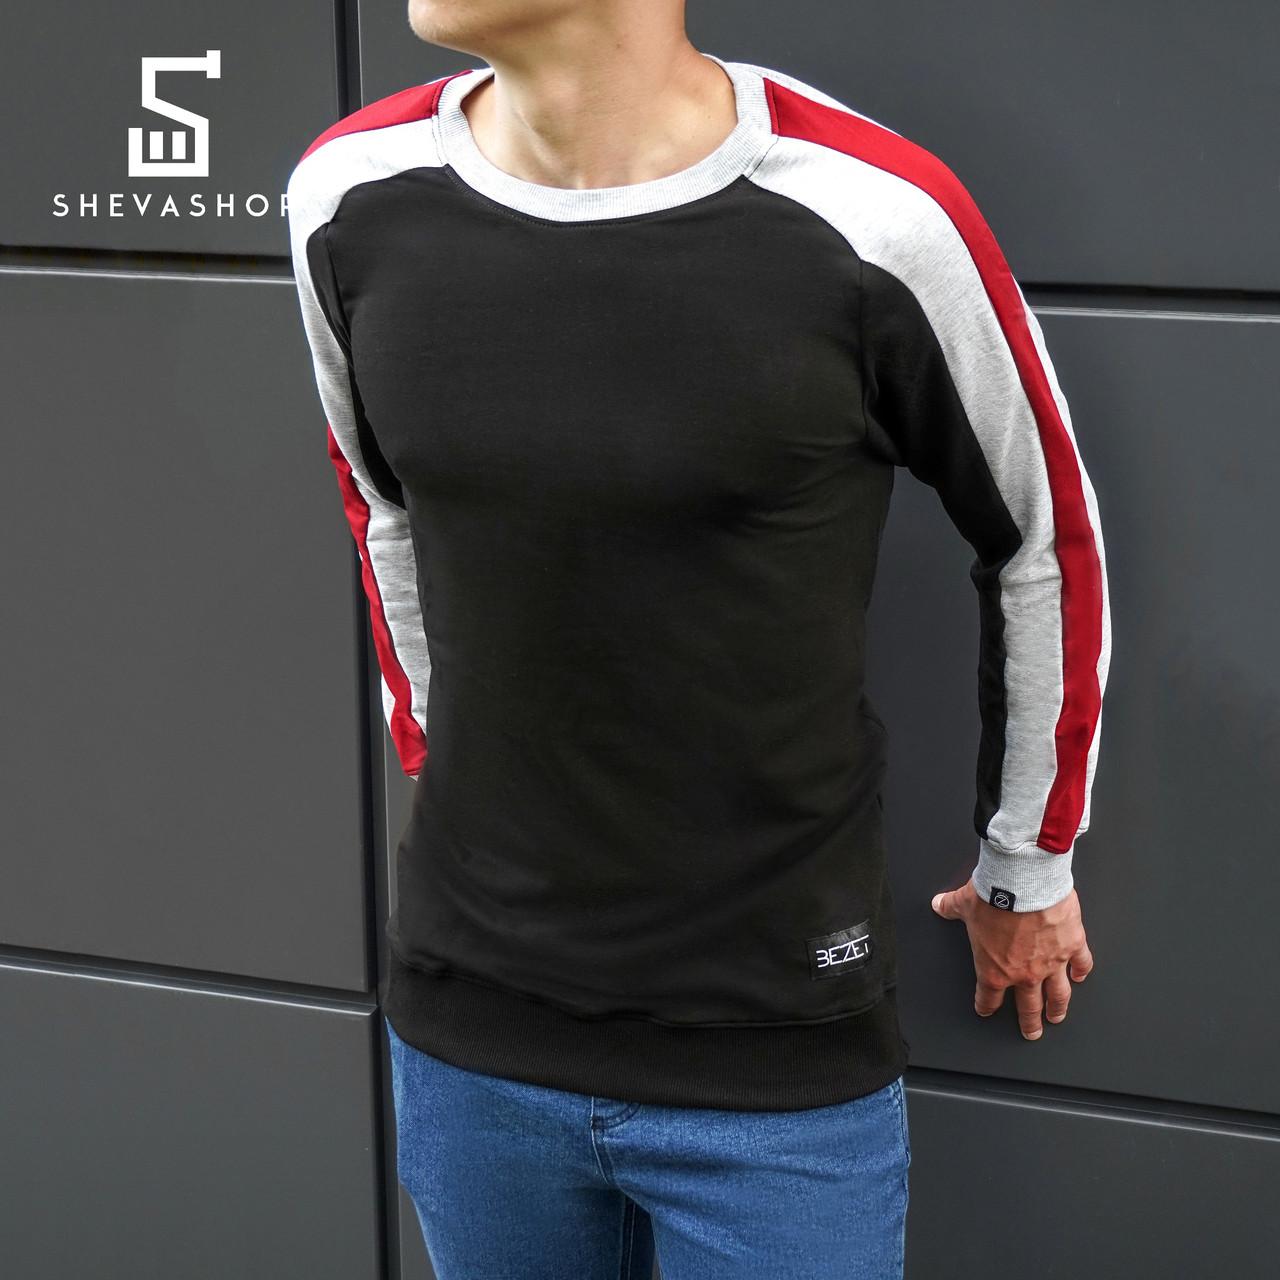 Свитшот мужской beZet Combi '18, черный XXL - ShevaShop - одежда родом из Украины в Харькове